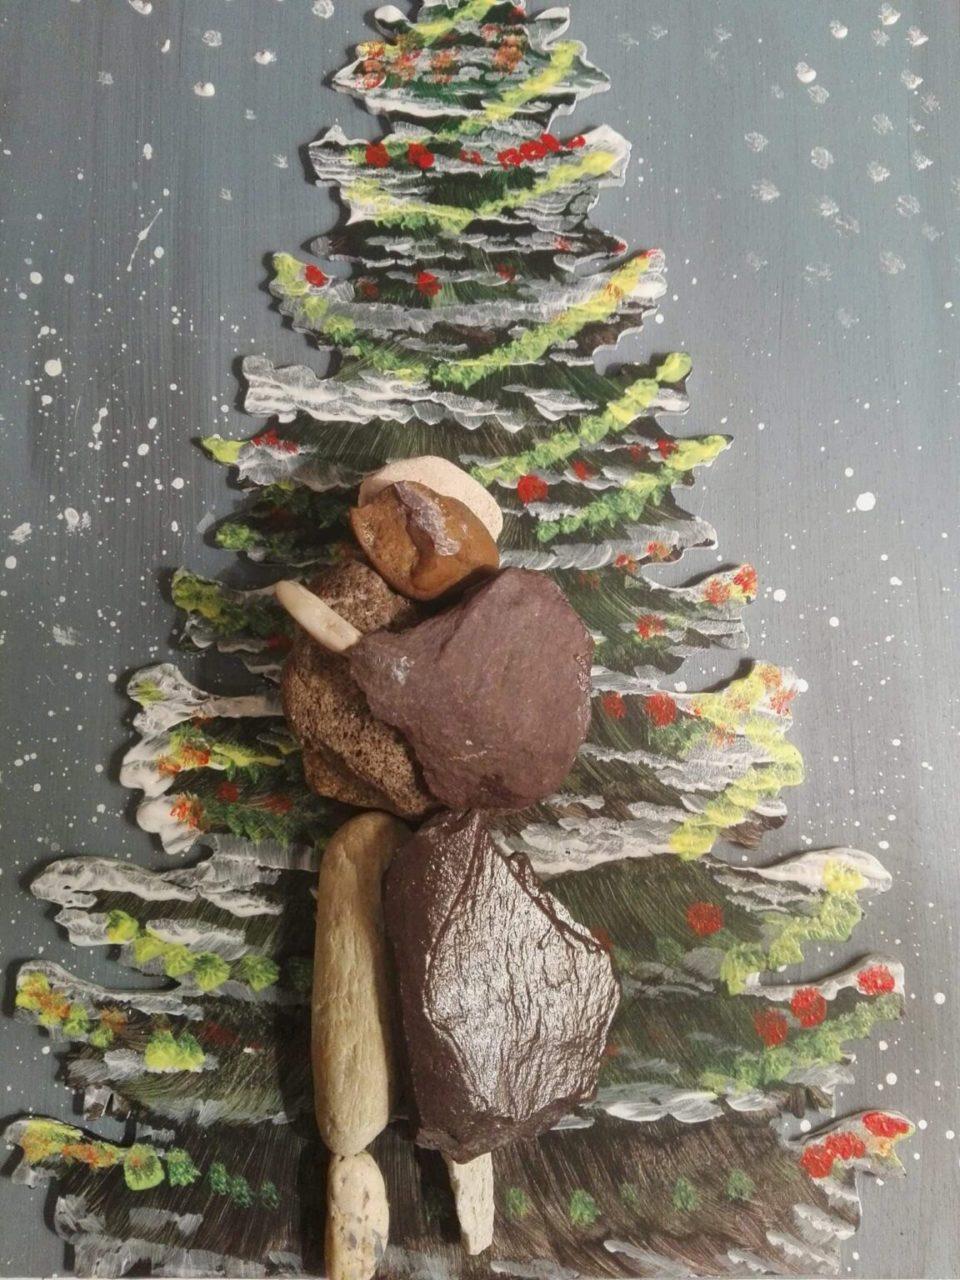 burka-karácsonyi-ölelés